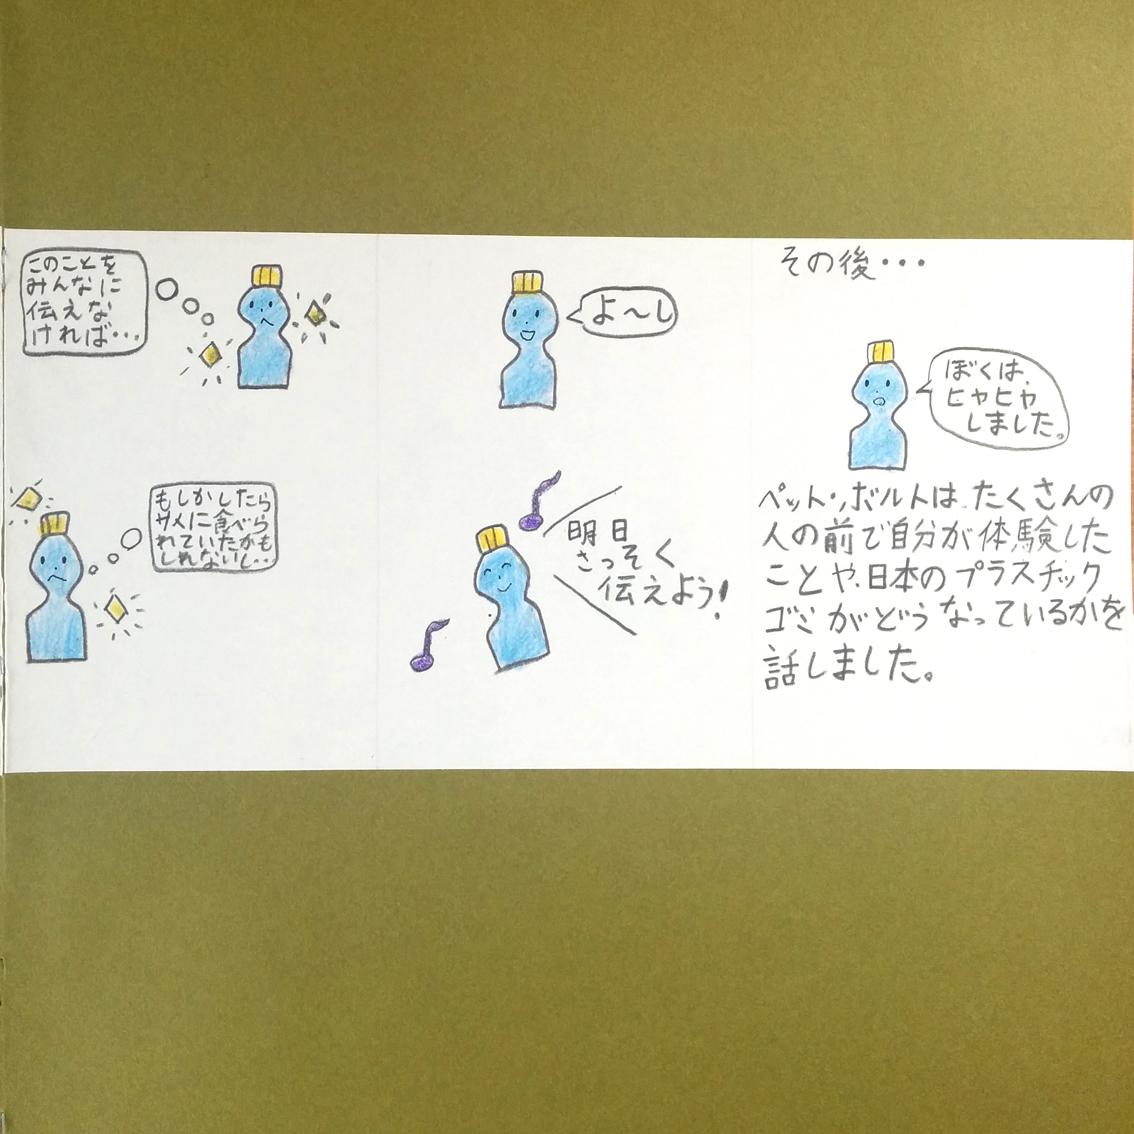 f:id:haruya-oyako:20210830102620j:plain